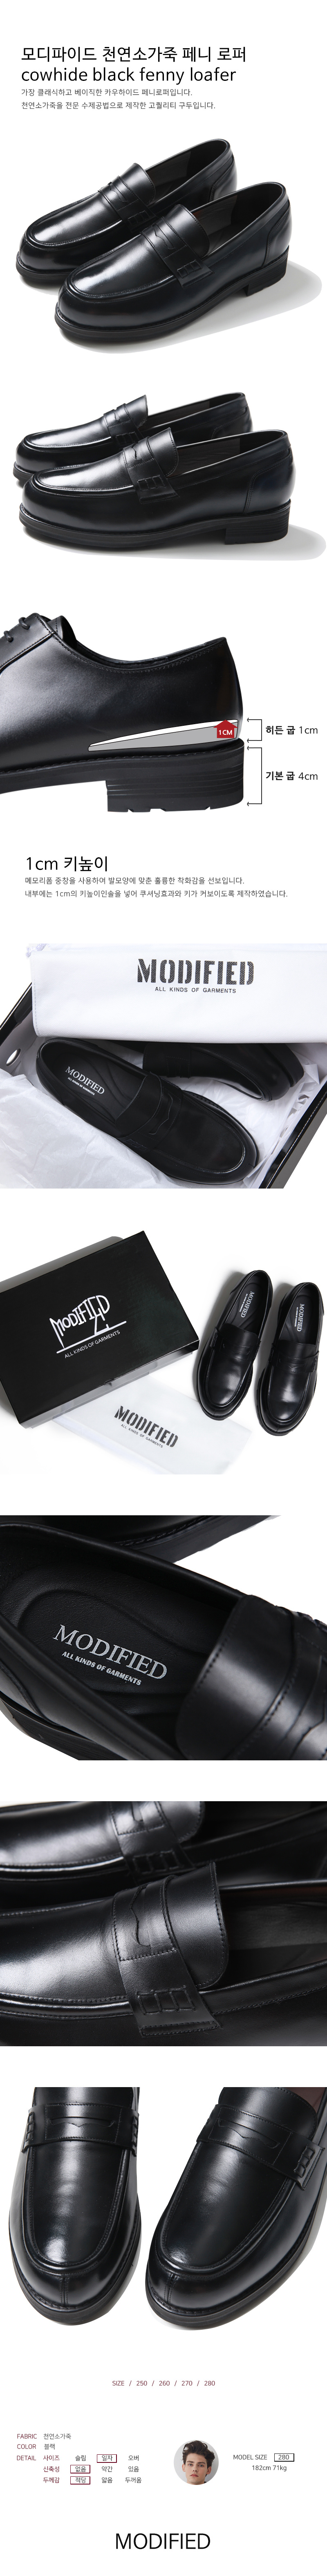 모디파이드(MODIFIED) M#1671 cowhide black fenny loafer (1cm 키높이)